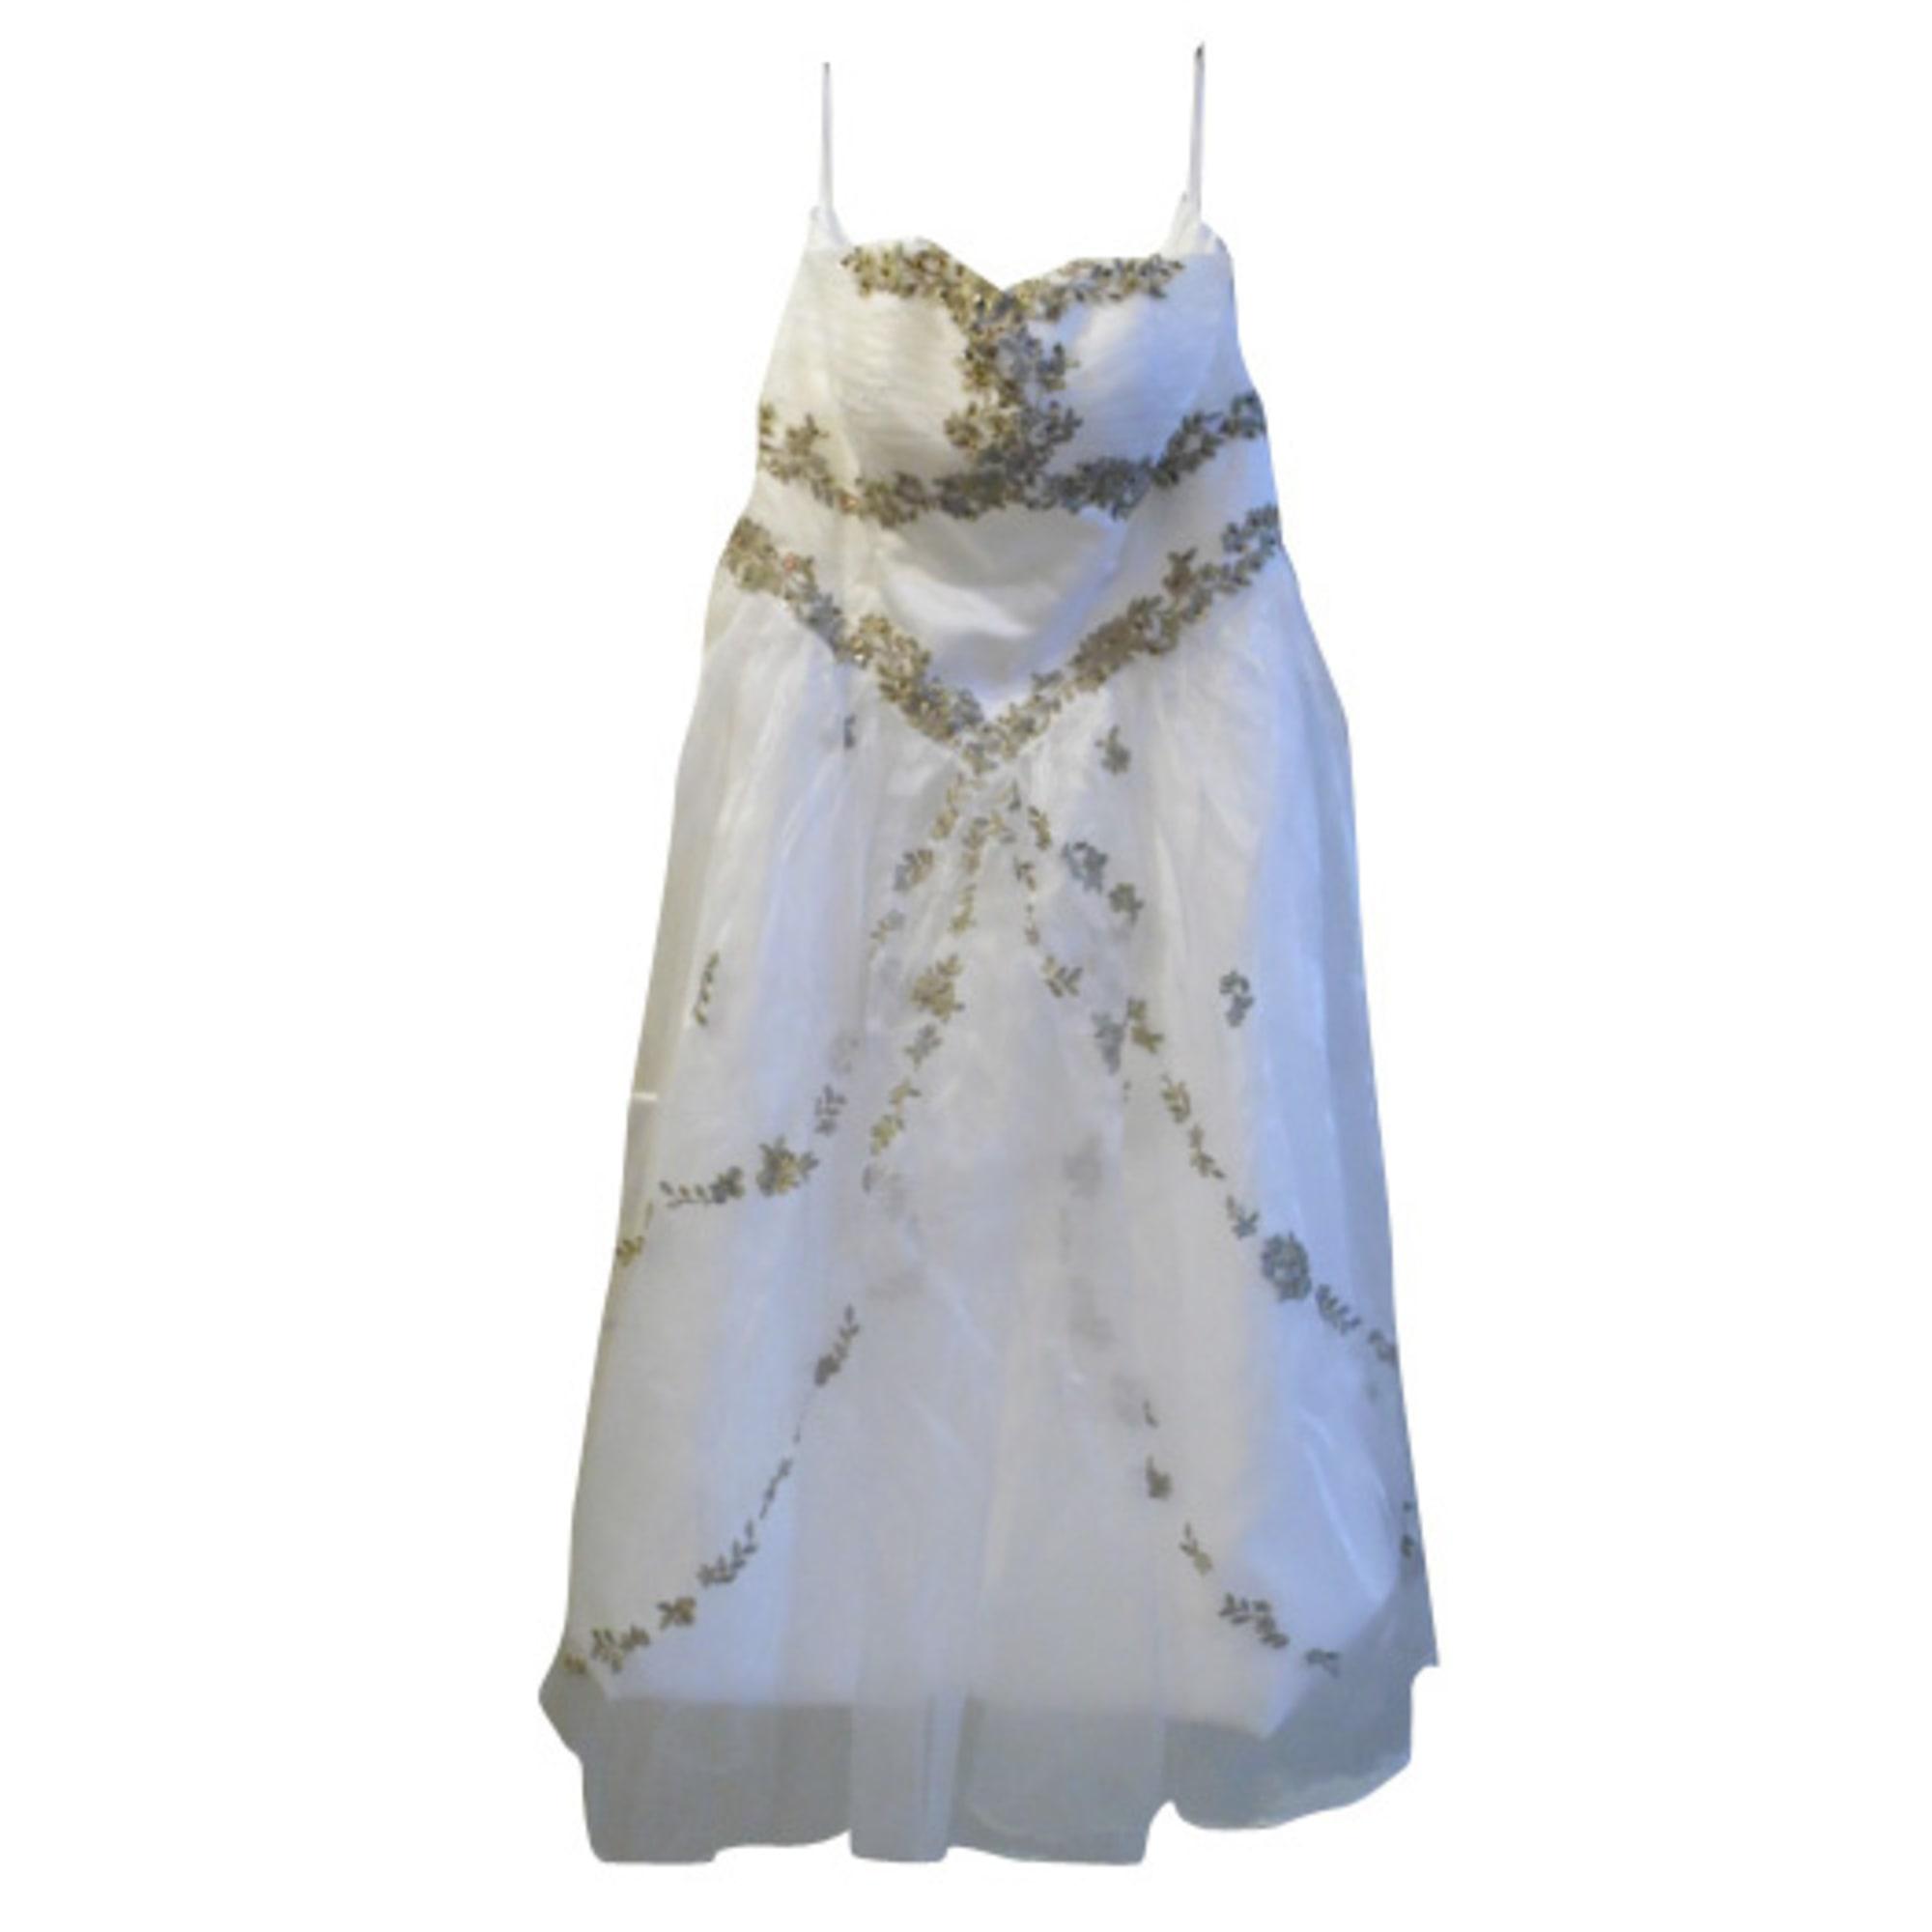 45c5522a591 Robe de mariée MILLES ET UNE NUITS 50 (XXXXL) blanc - 2083646